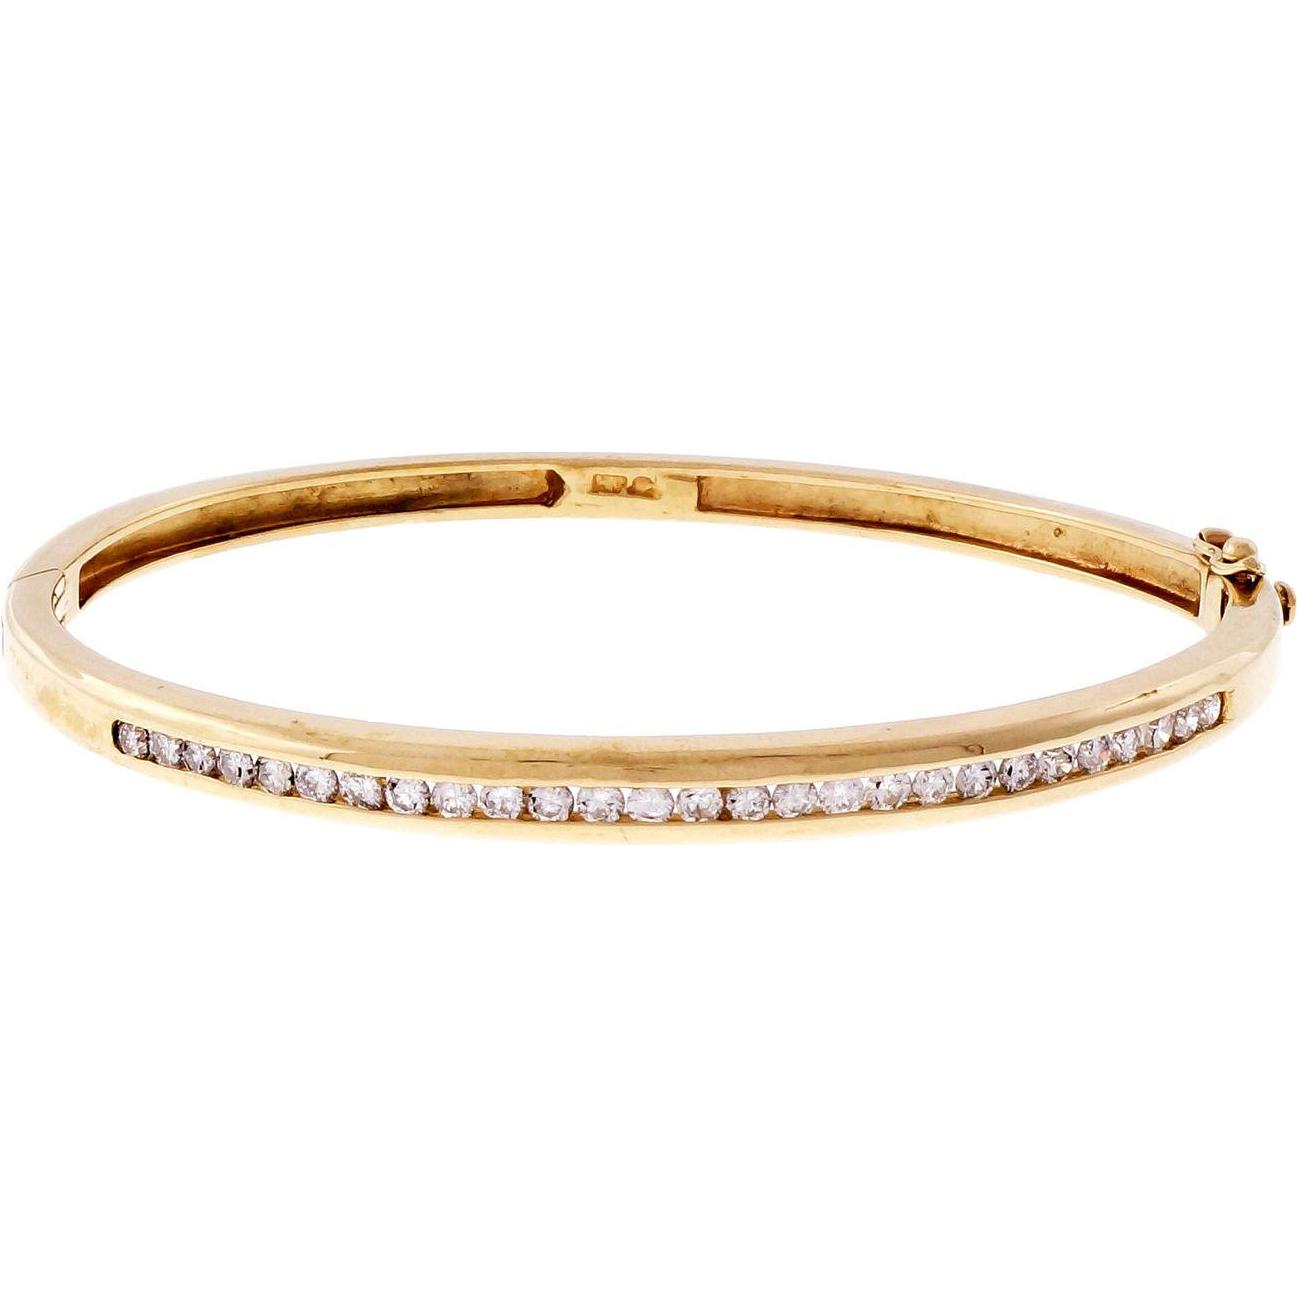 14k Yellow Gold Channel Set Diamond Bangle Bracelet